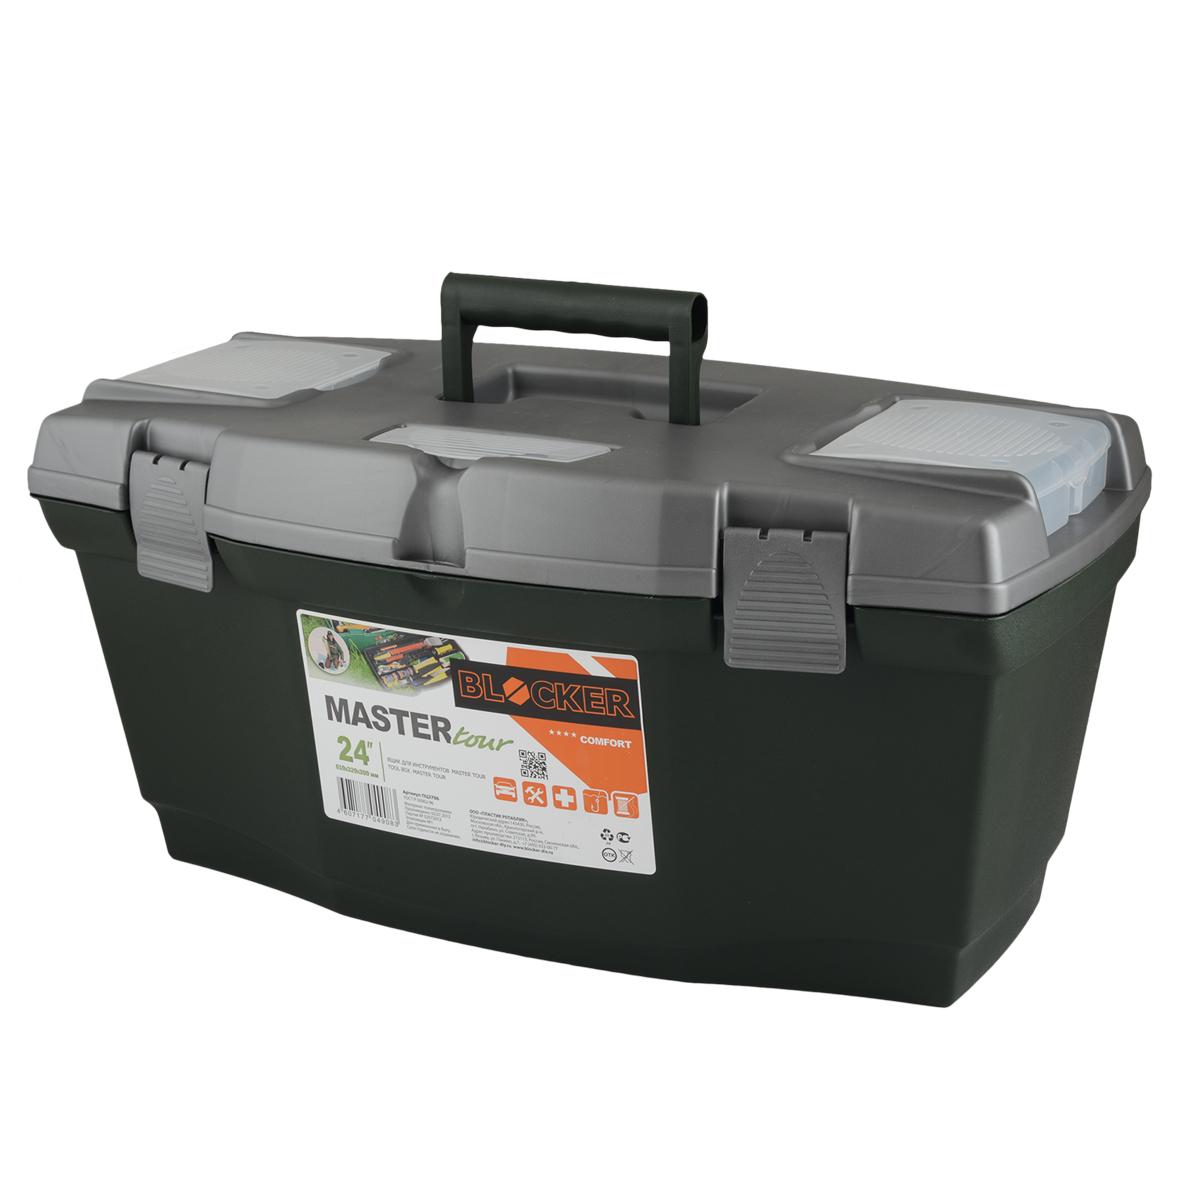 Ящик для инструментов Blocker Master Tour, цвет: темно-зеленый, 610 х 320 х 300 ммПЦ3706ТЗЛ-4РSМногофункциональный ящик отлично подходит для хранения небольших рыболовных и охотничьих принадлежностей, может быть использован для переноски мангала, посуды и многих вещей, которые могут понадобиться на отдыхе или в путешествии.